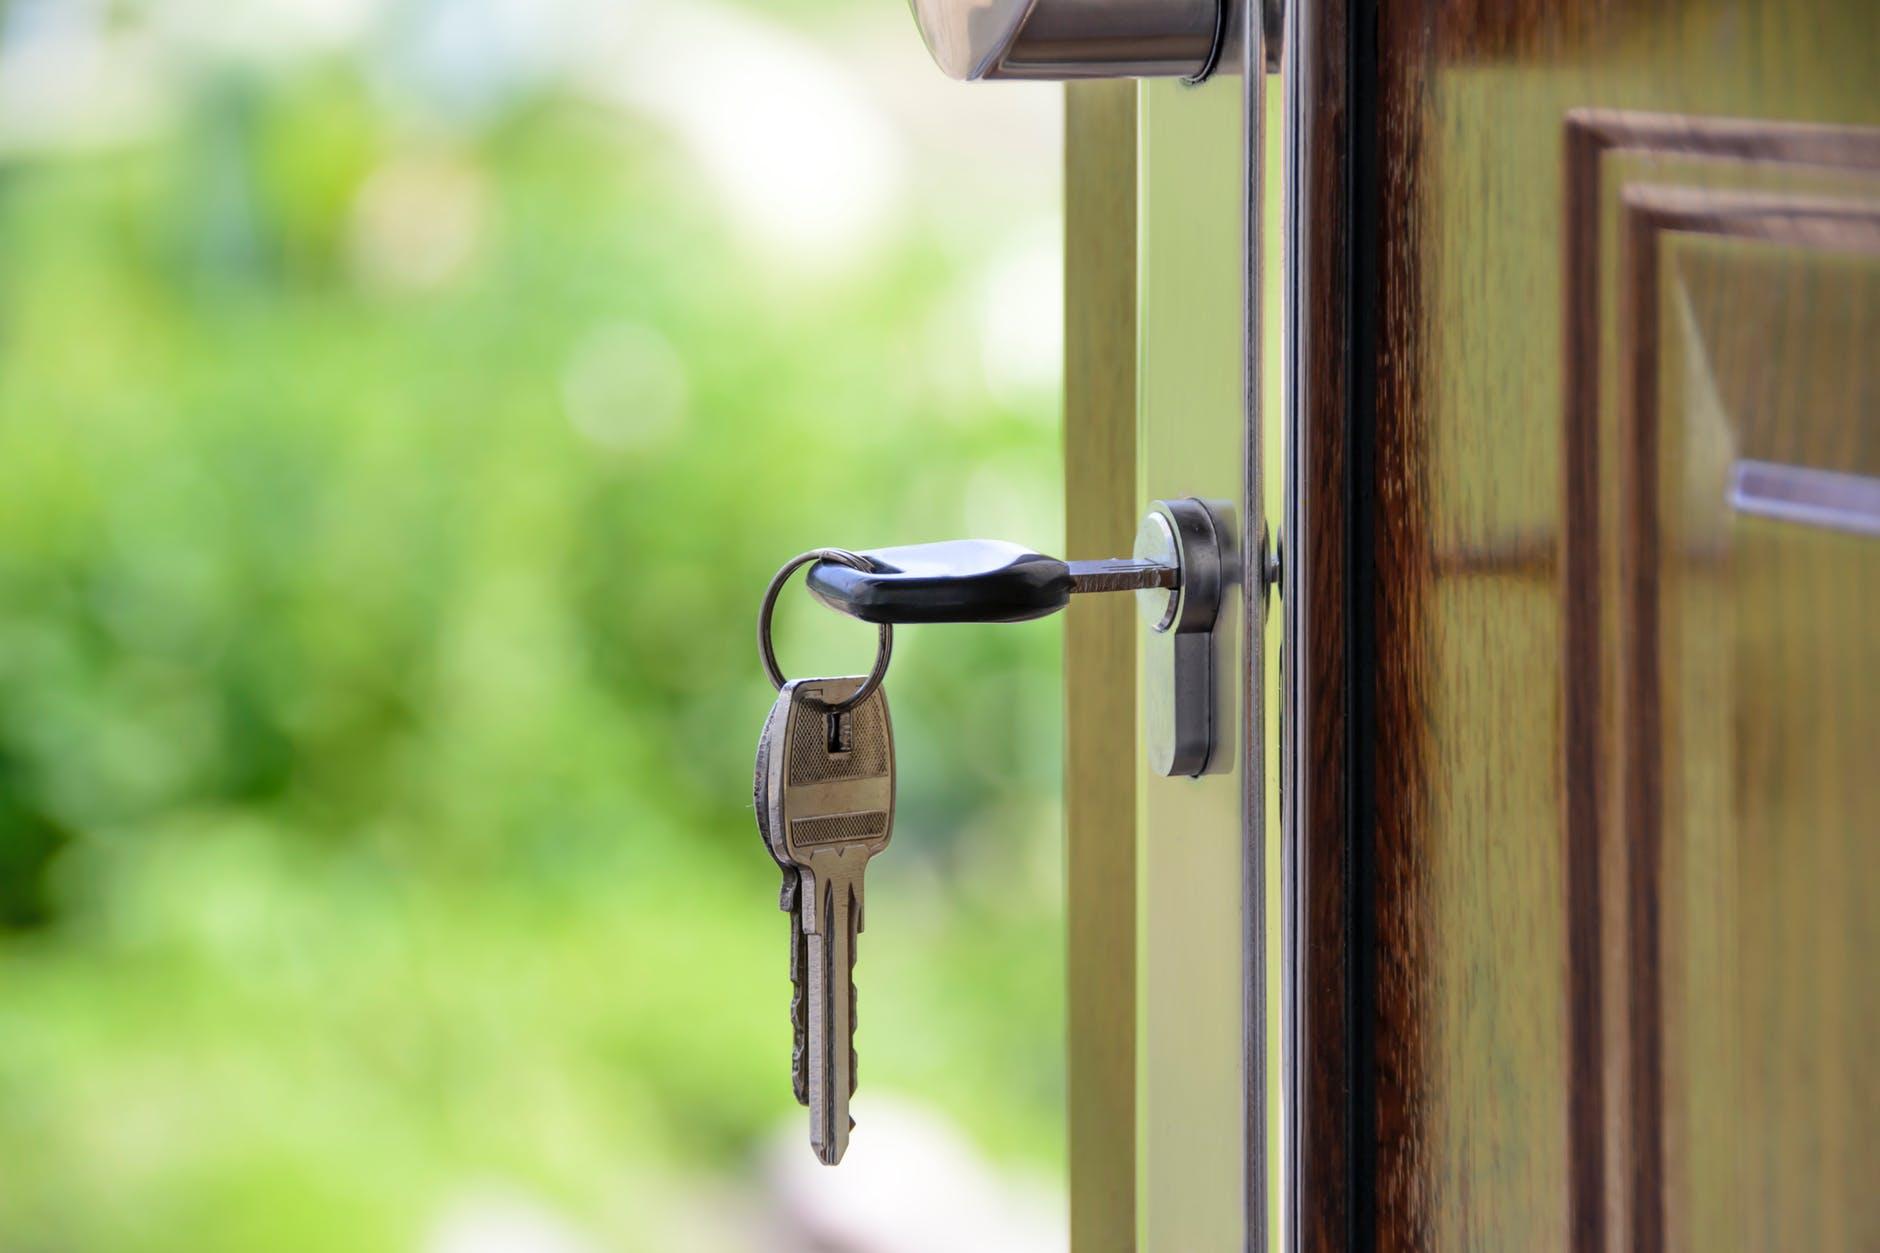 Види шахрайства при виборі квартири. Як не потрапити в руки аферистів